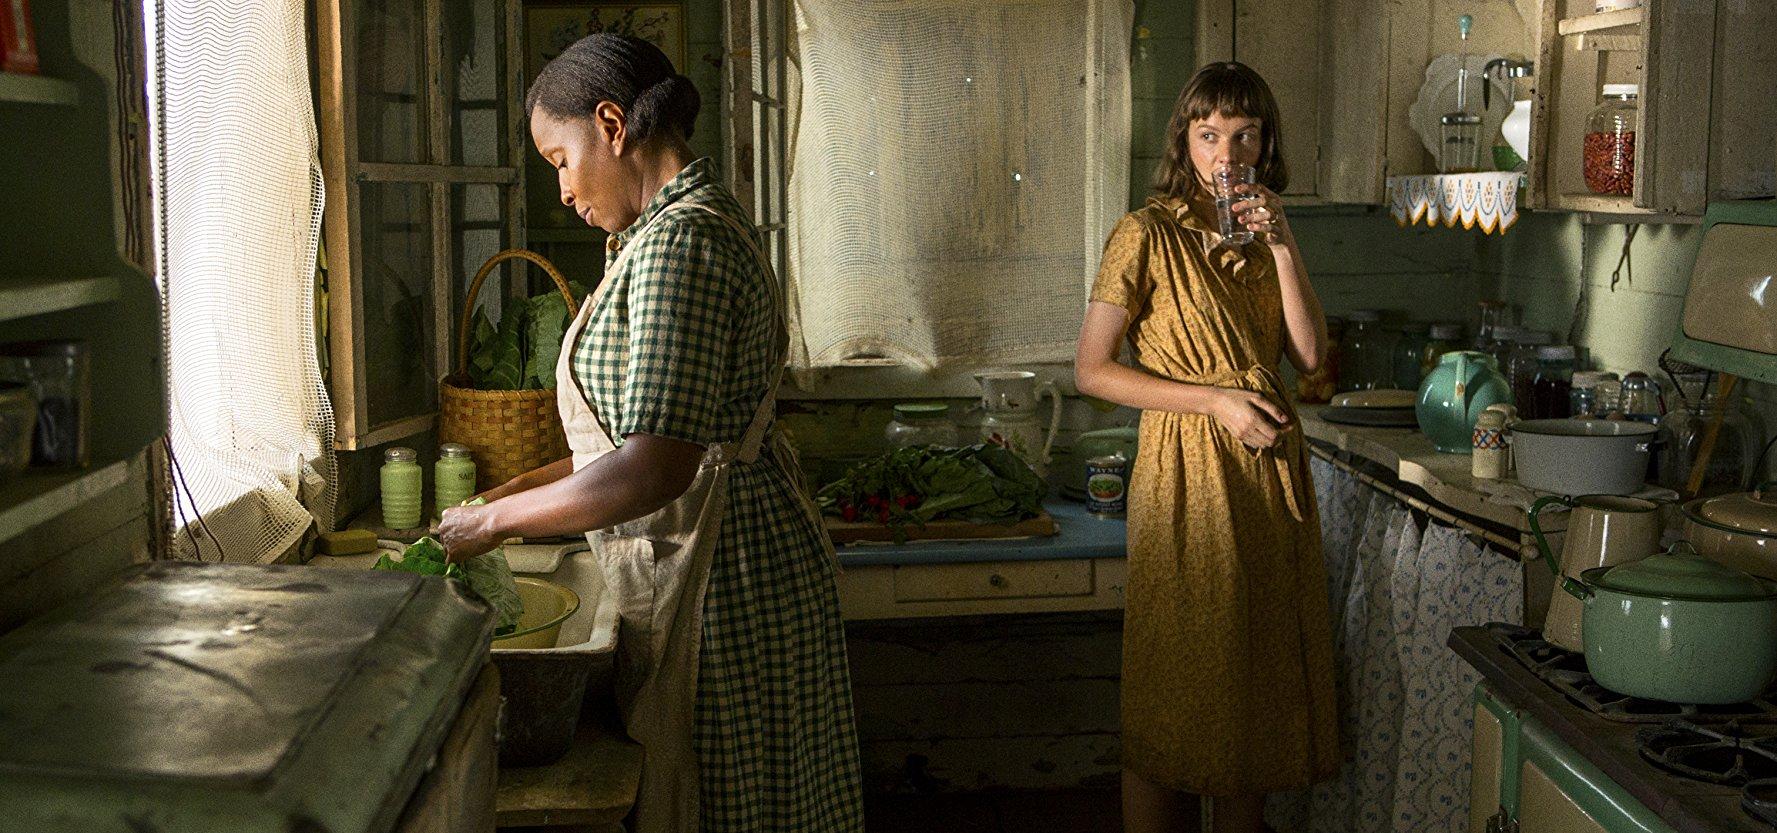 Florence Jackson and Laura McAllan